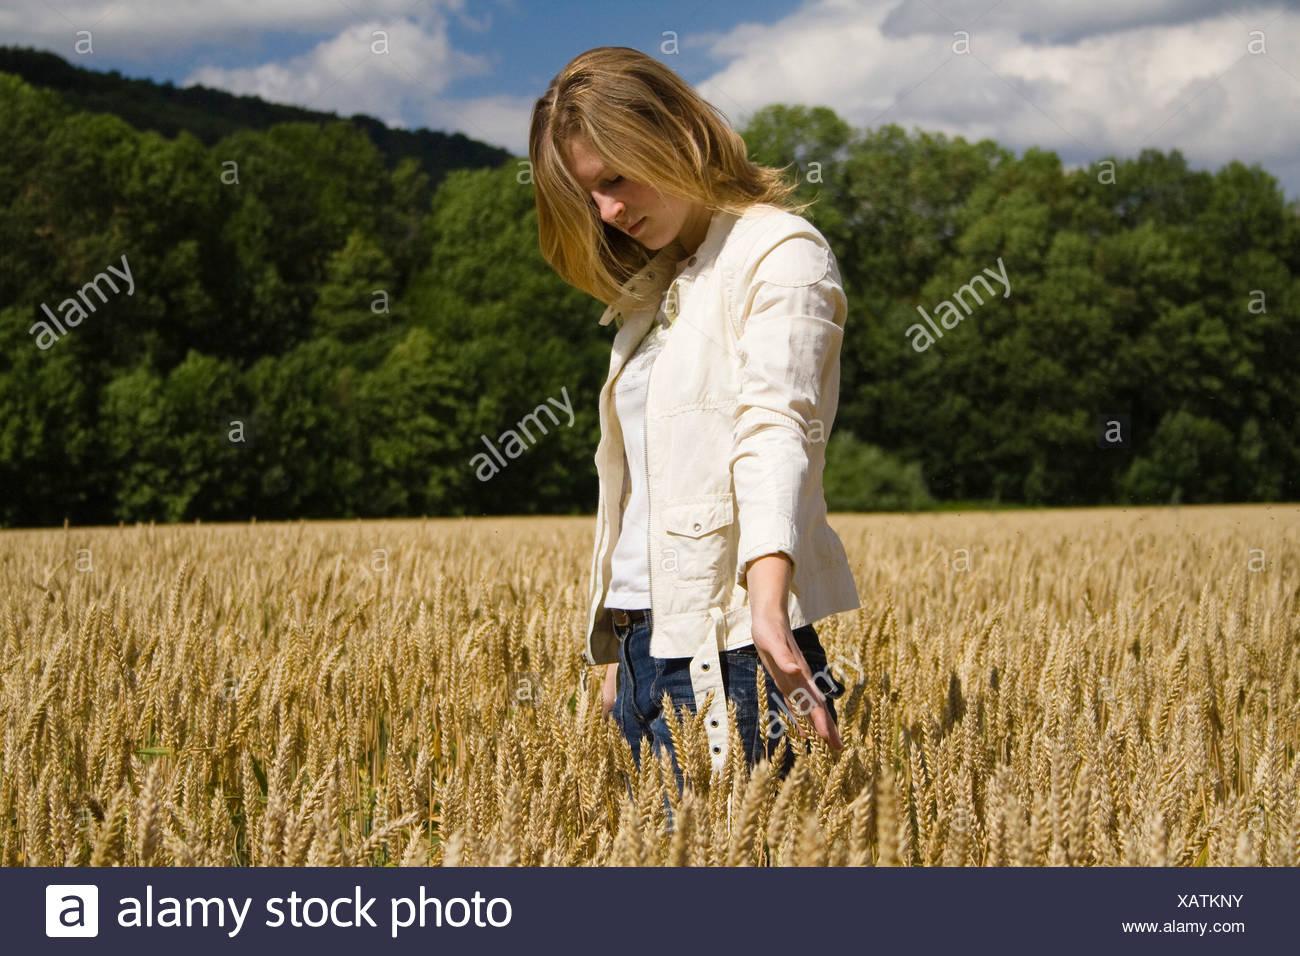 Mujer joven campo de grano paisaje humano retrato de la naturaleza reflexiva de verano sueño soñado caminar womanlike w Imagen De Stock